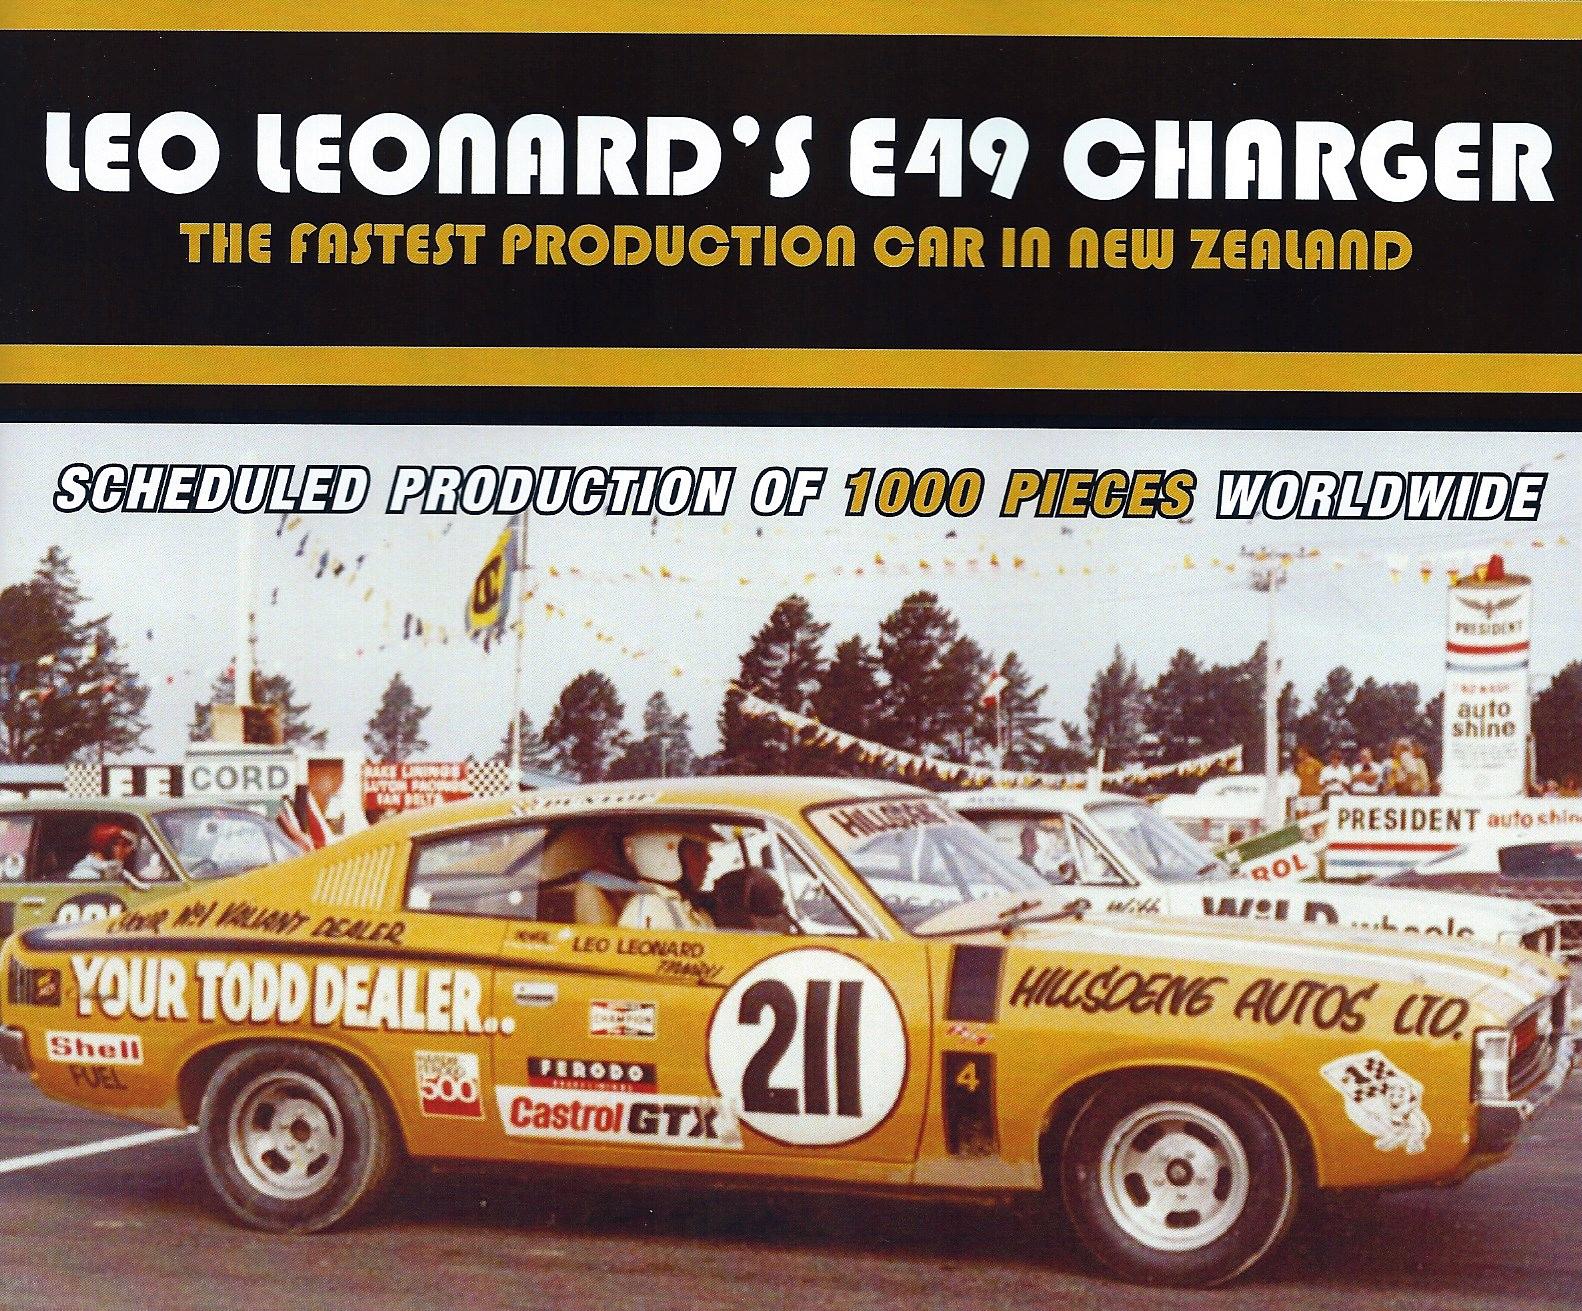 Leo Leonard's E49 Chrysler Valiant Charger